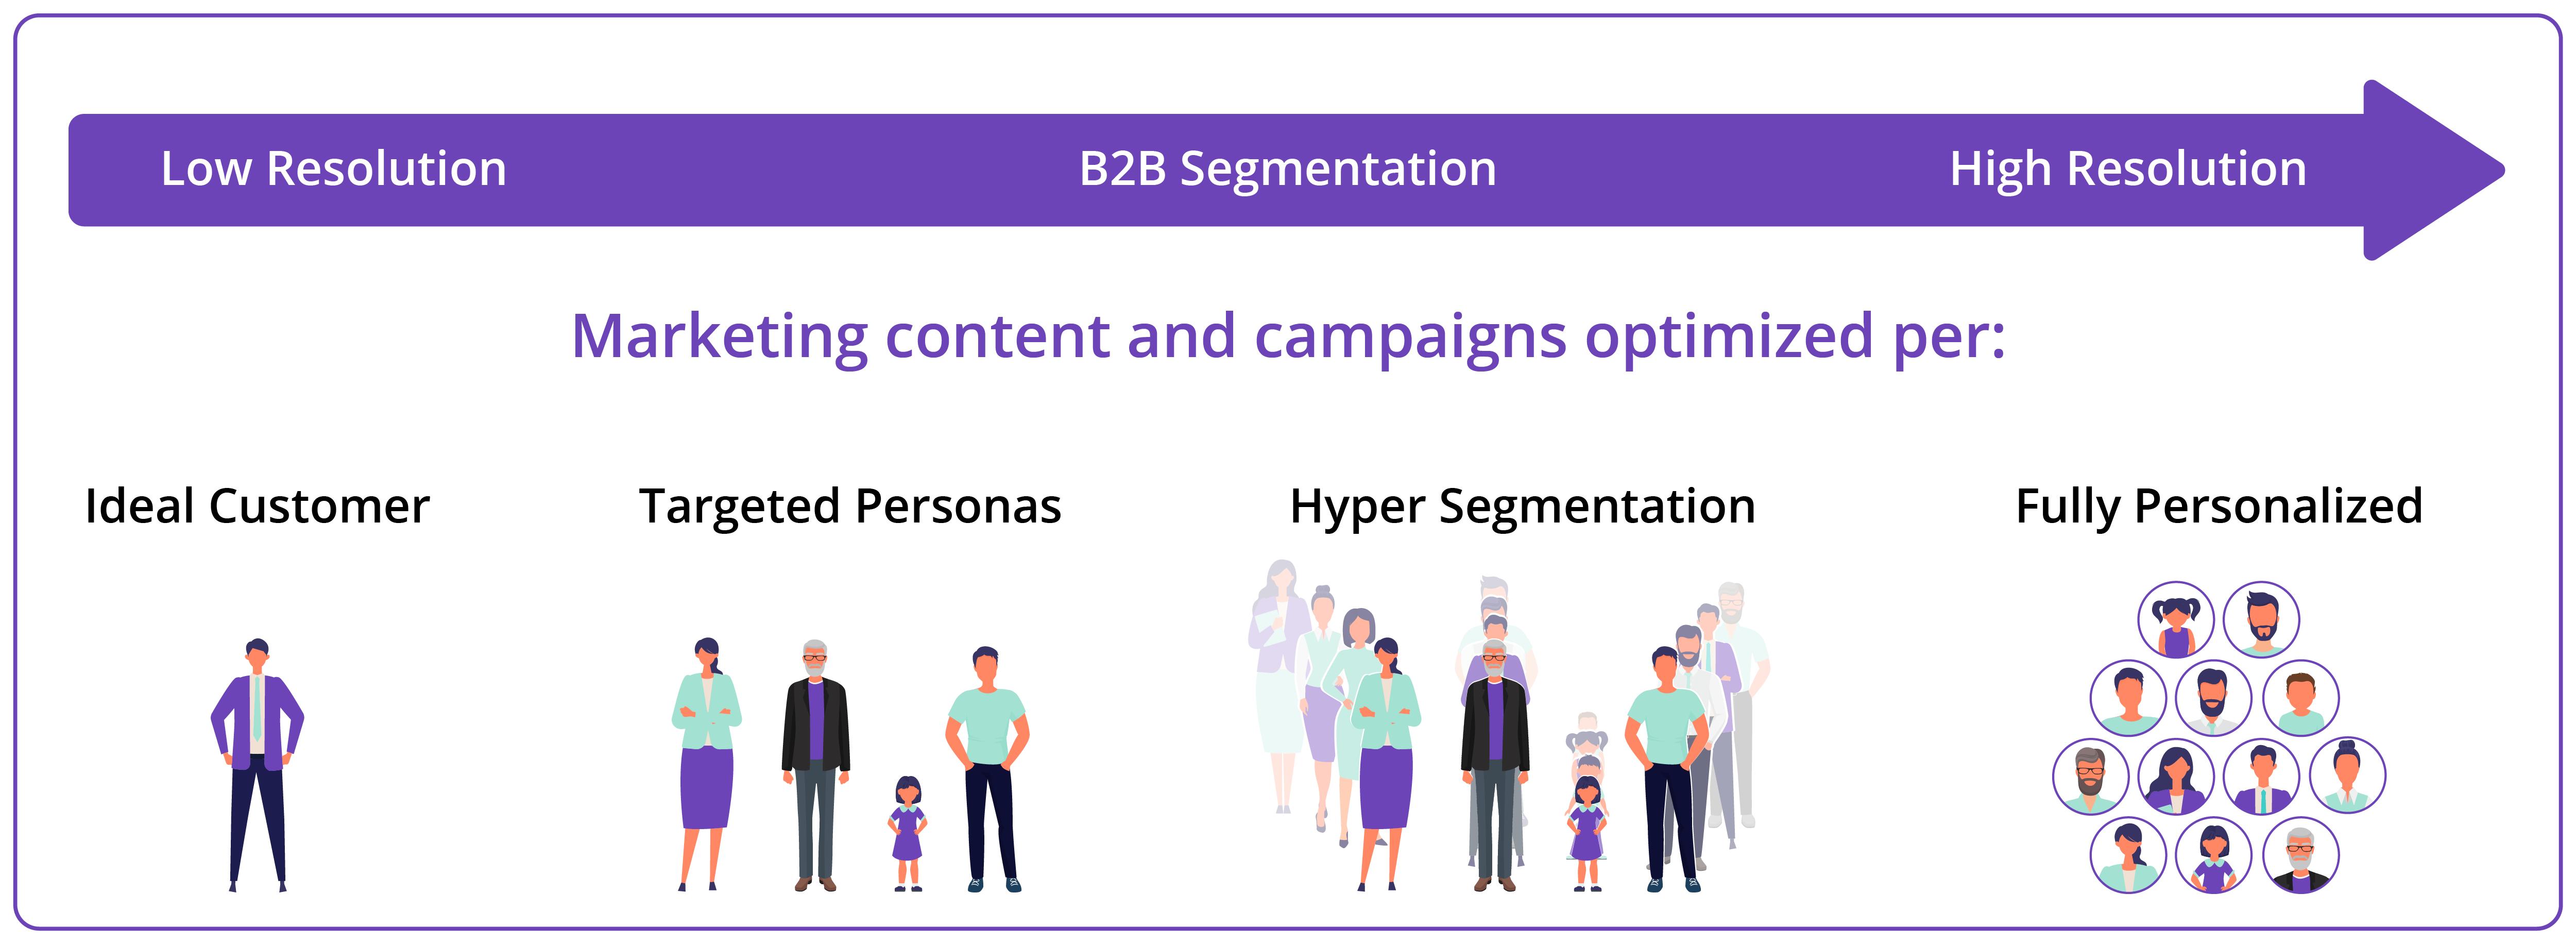 Hyper Segmentation to get B2B Marketing boosted